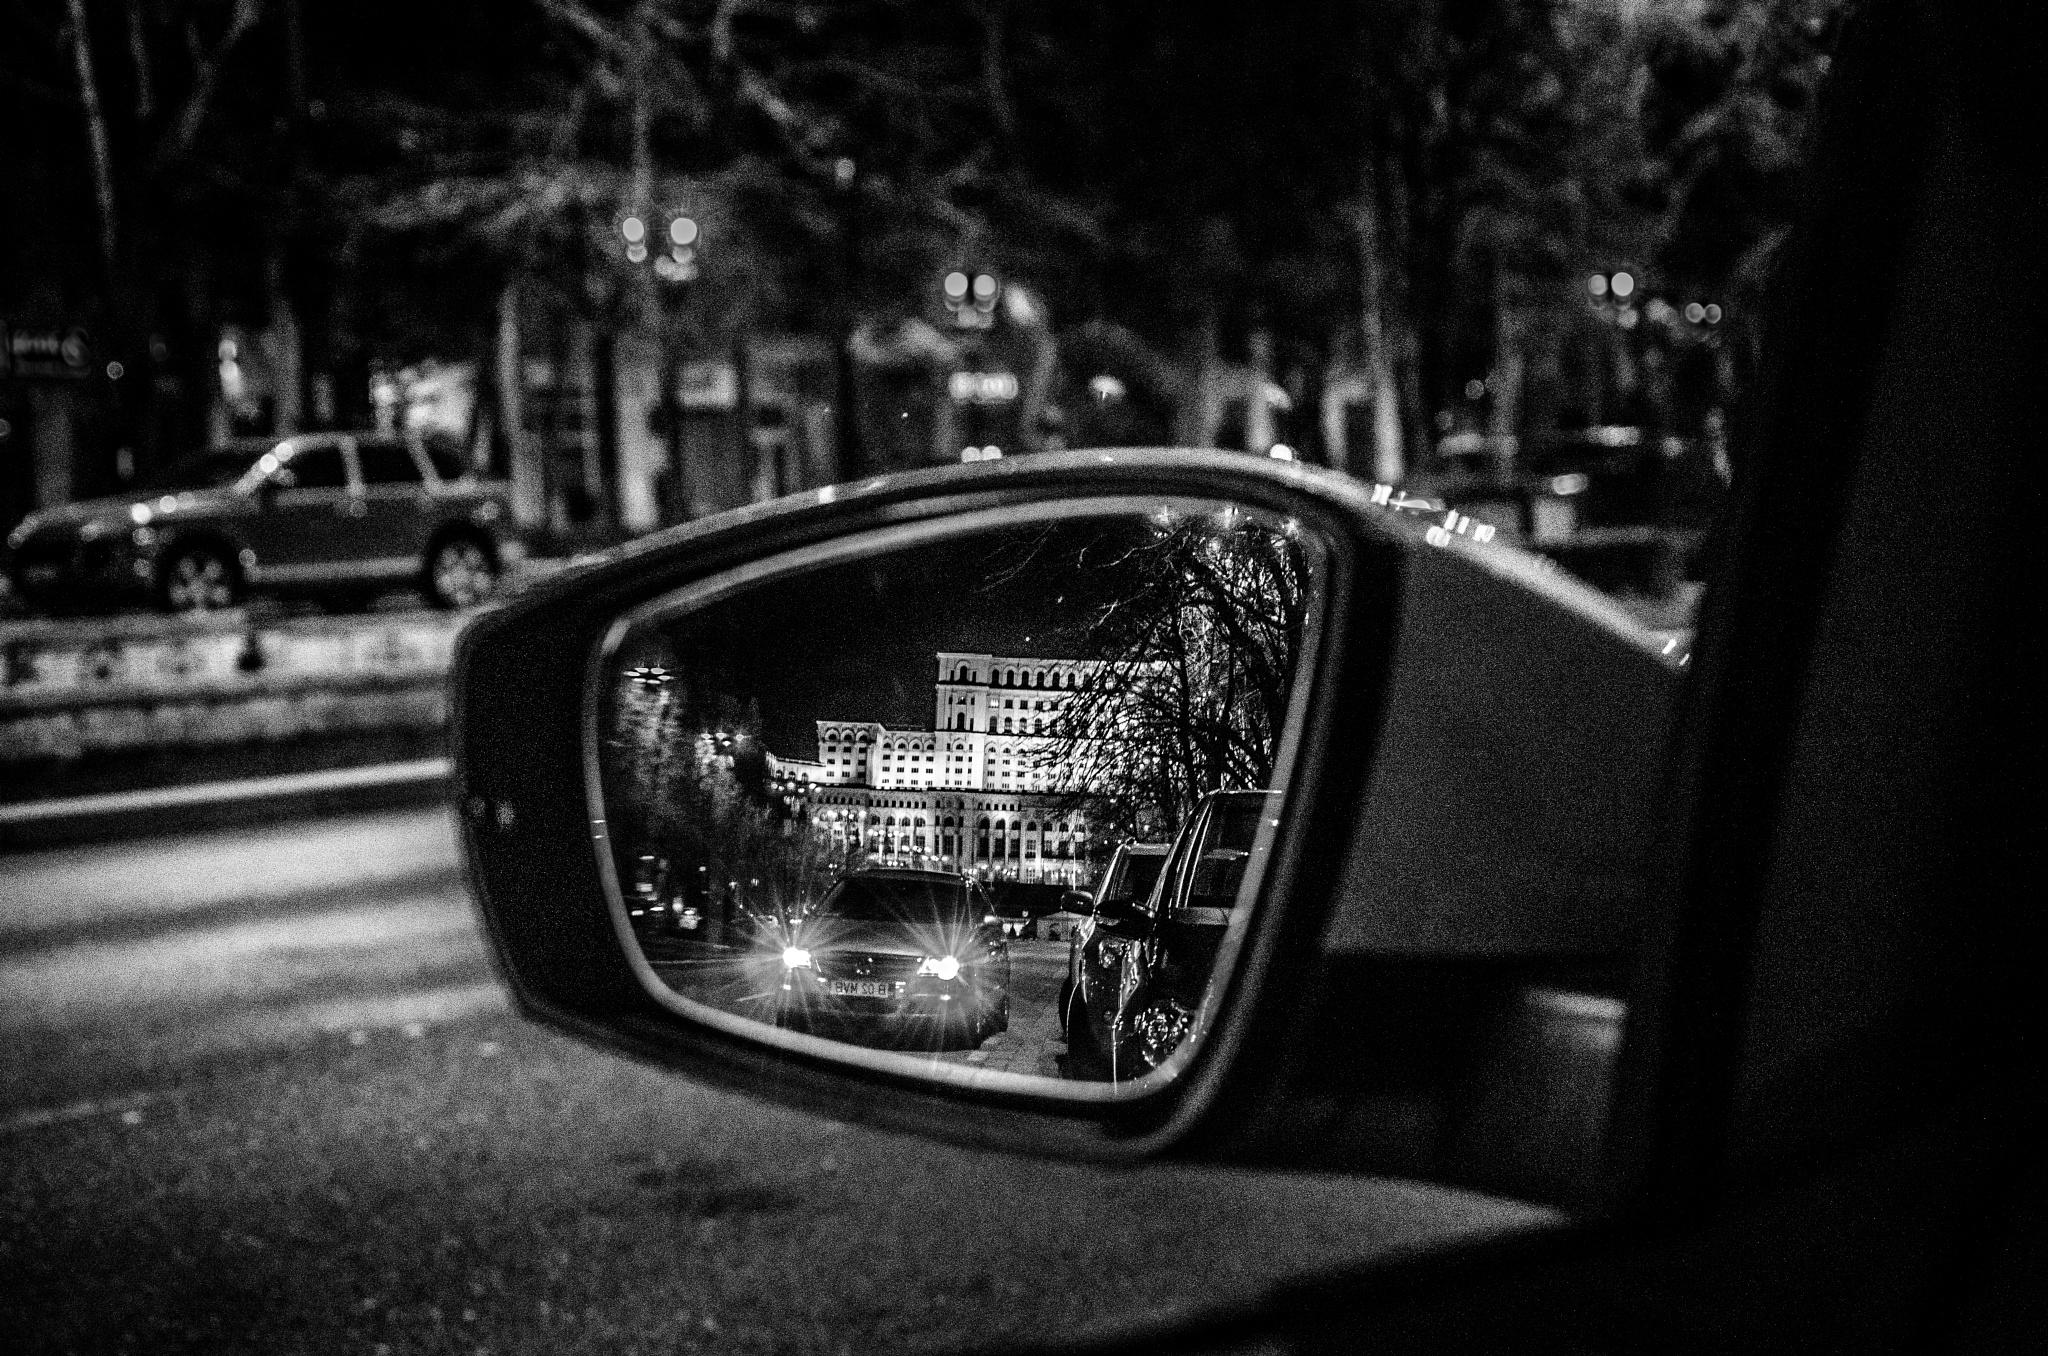 Car by George Enciu